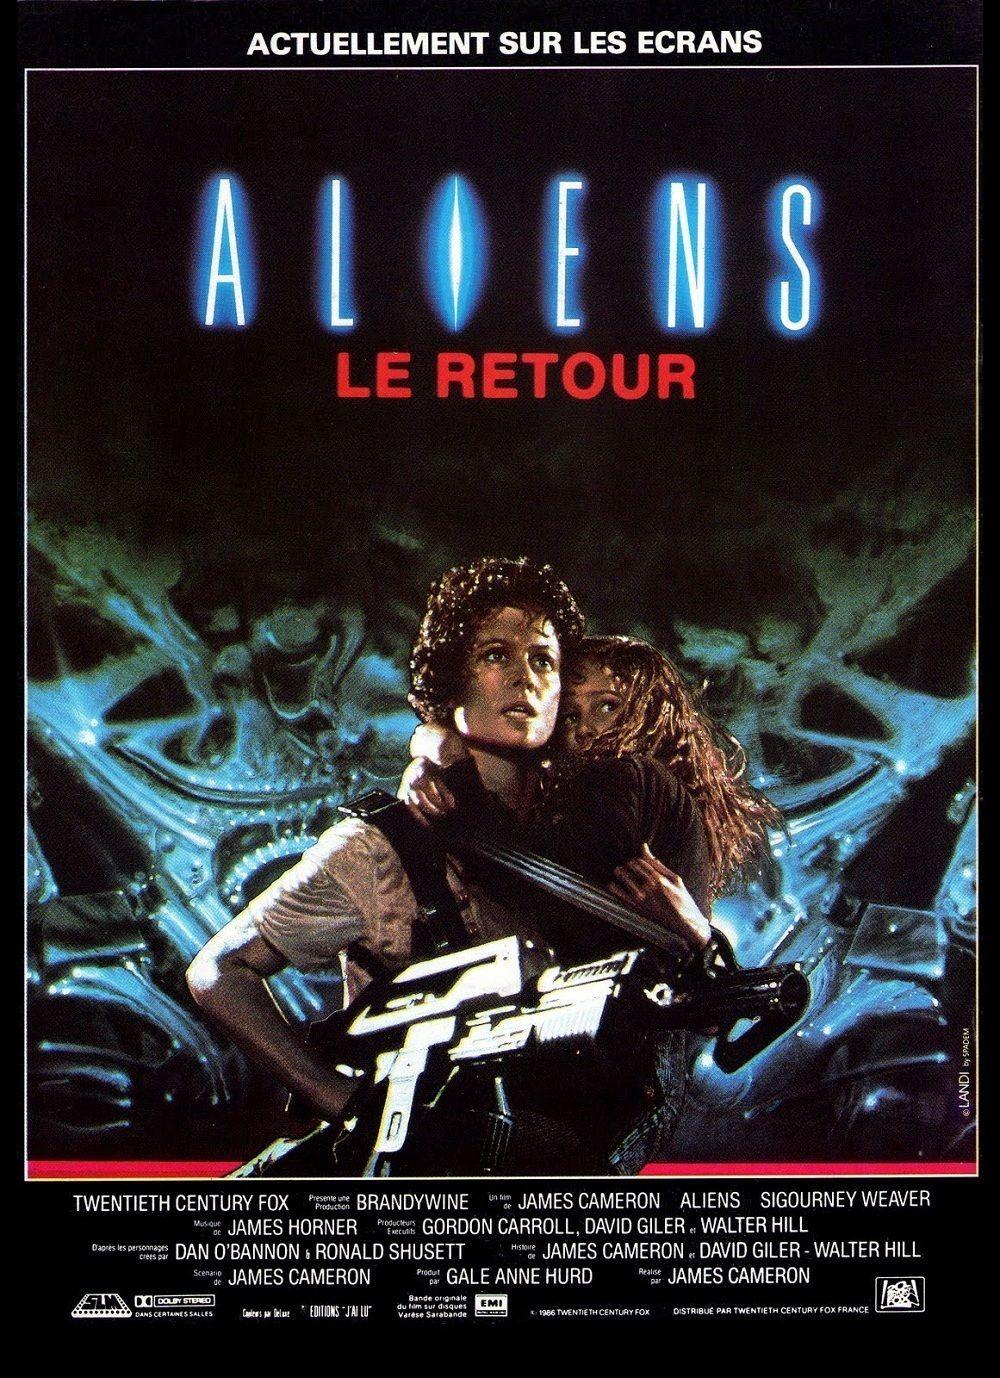 Aliens le retour - film 1986 - AlloCinu00e9